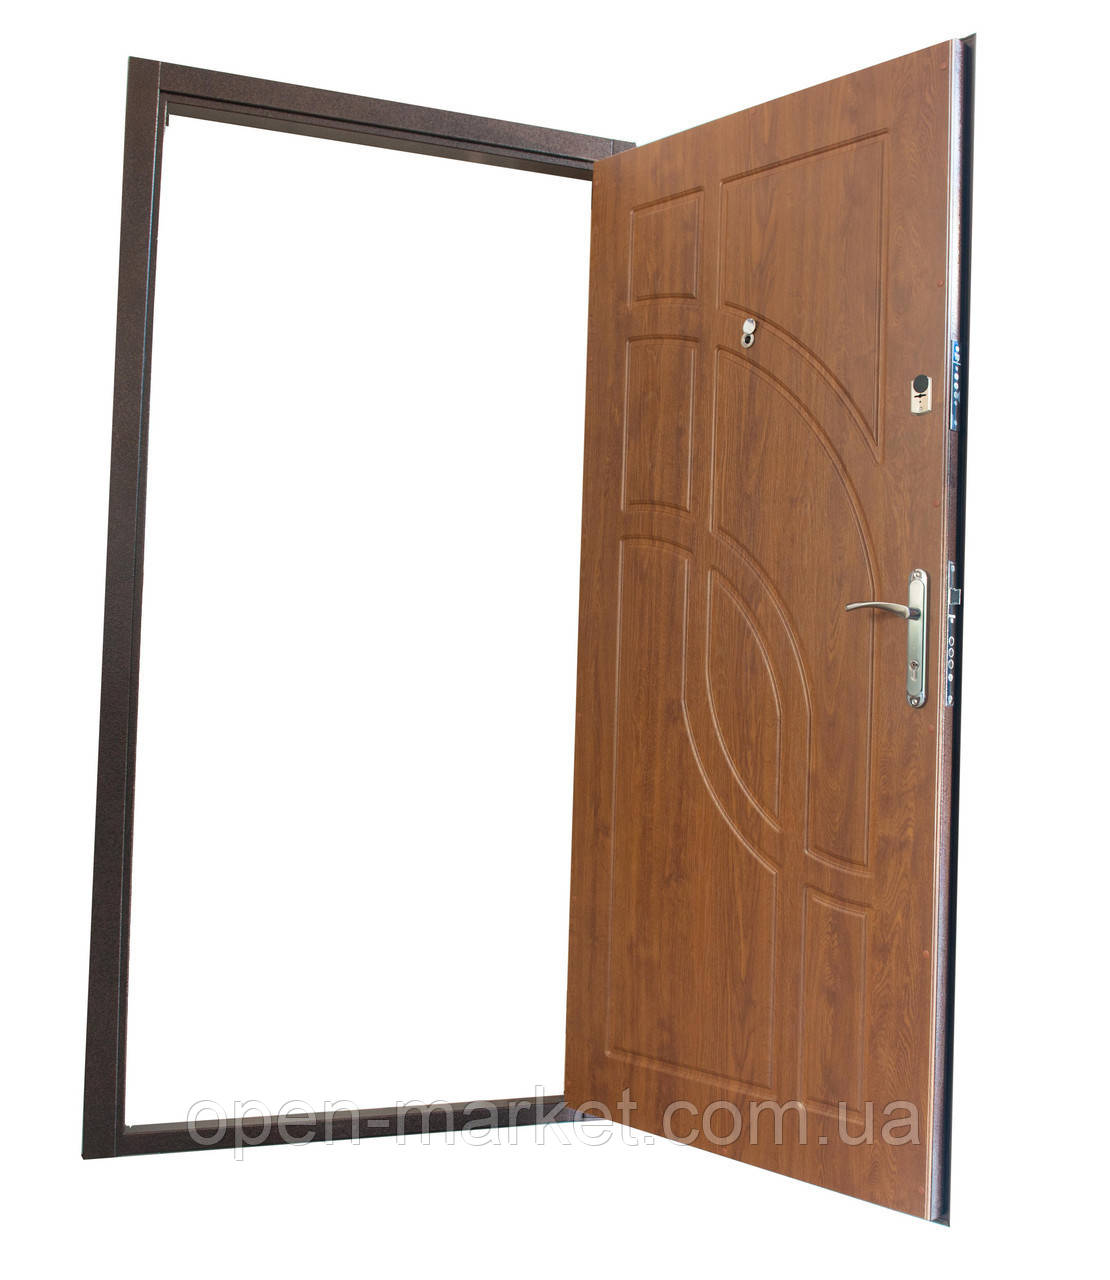 Двери уличные Степовое Николаевская область